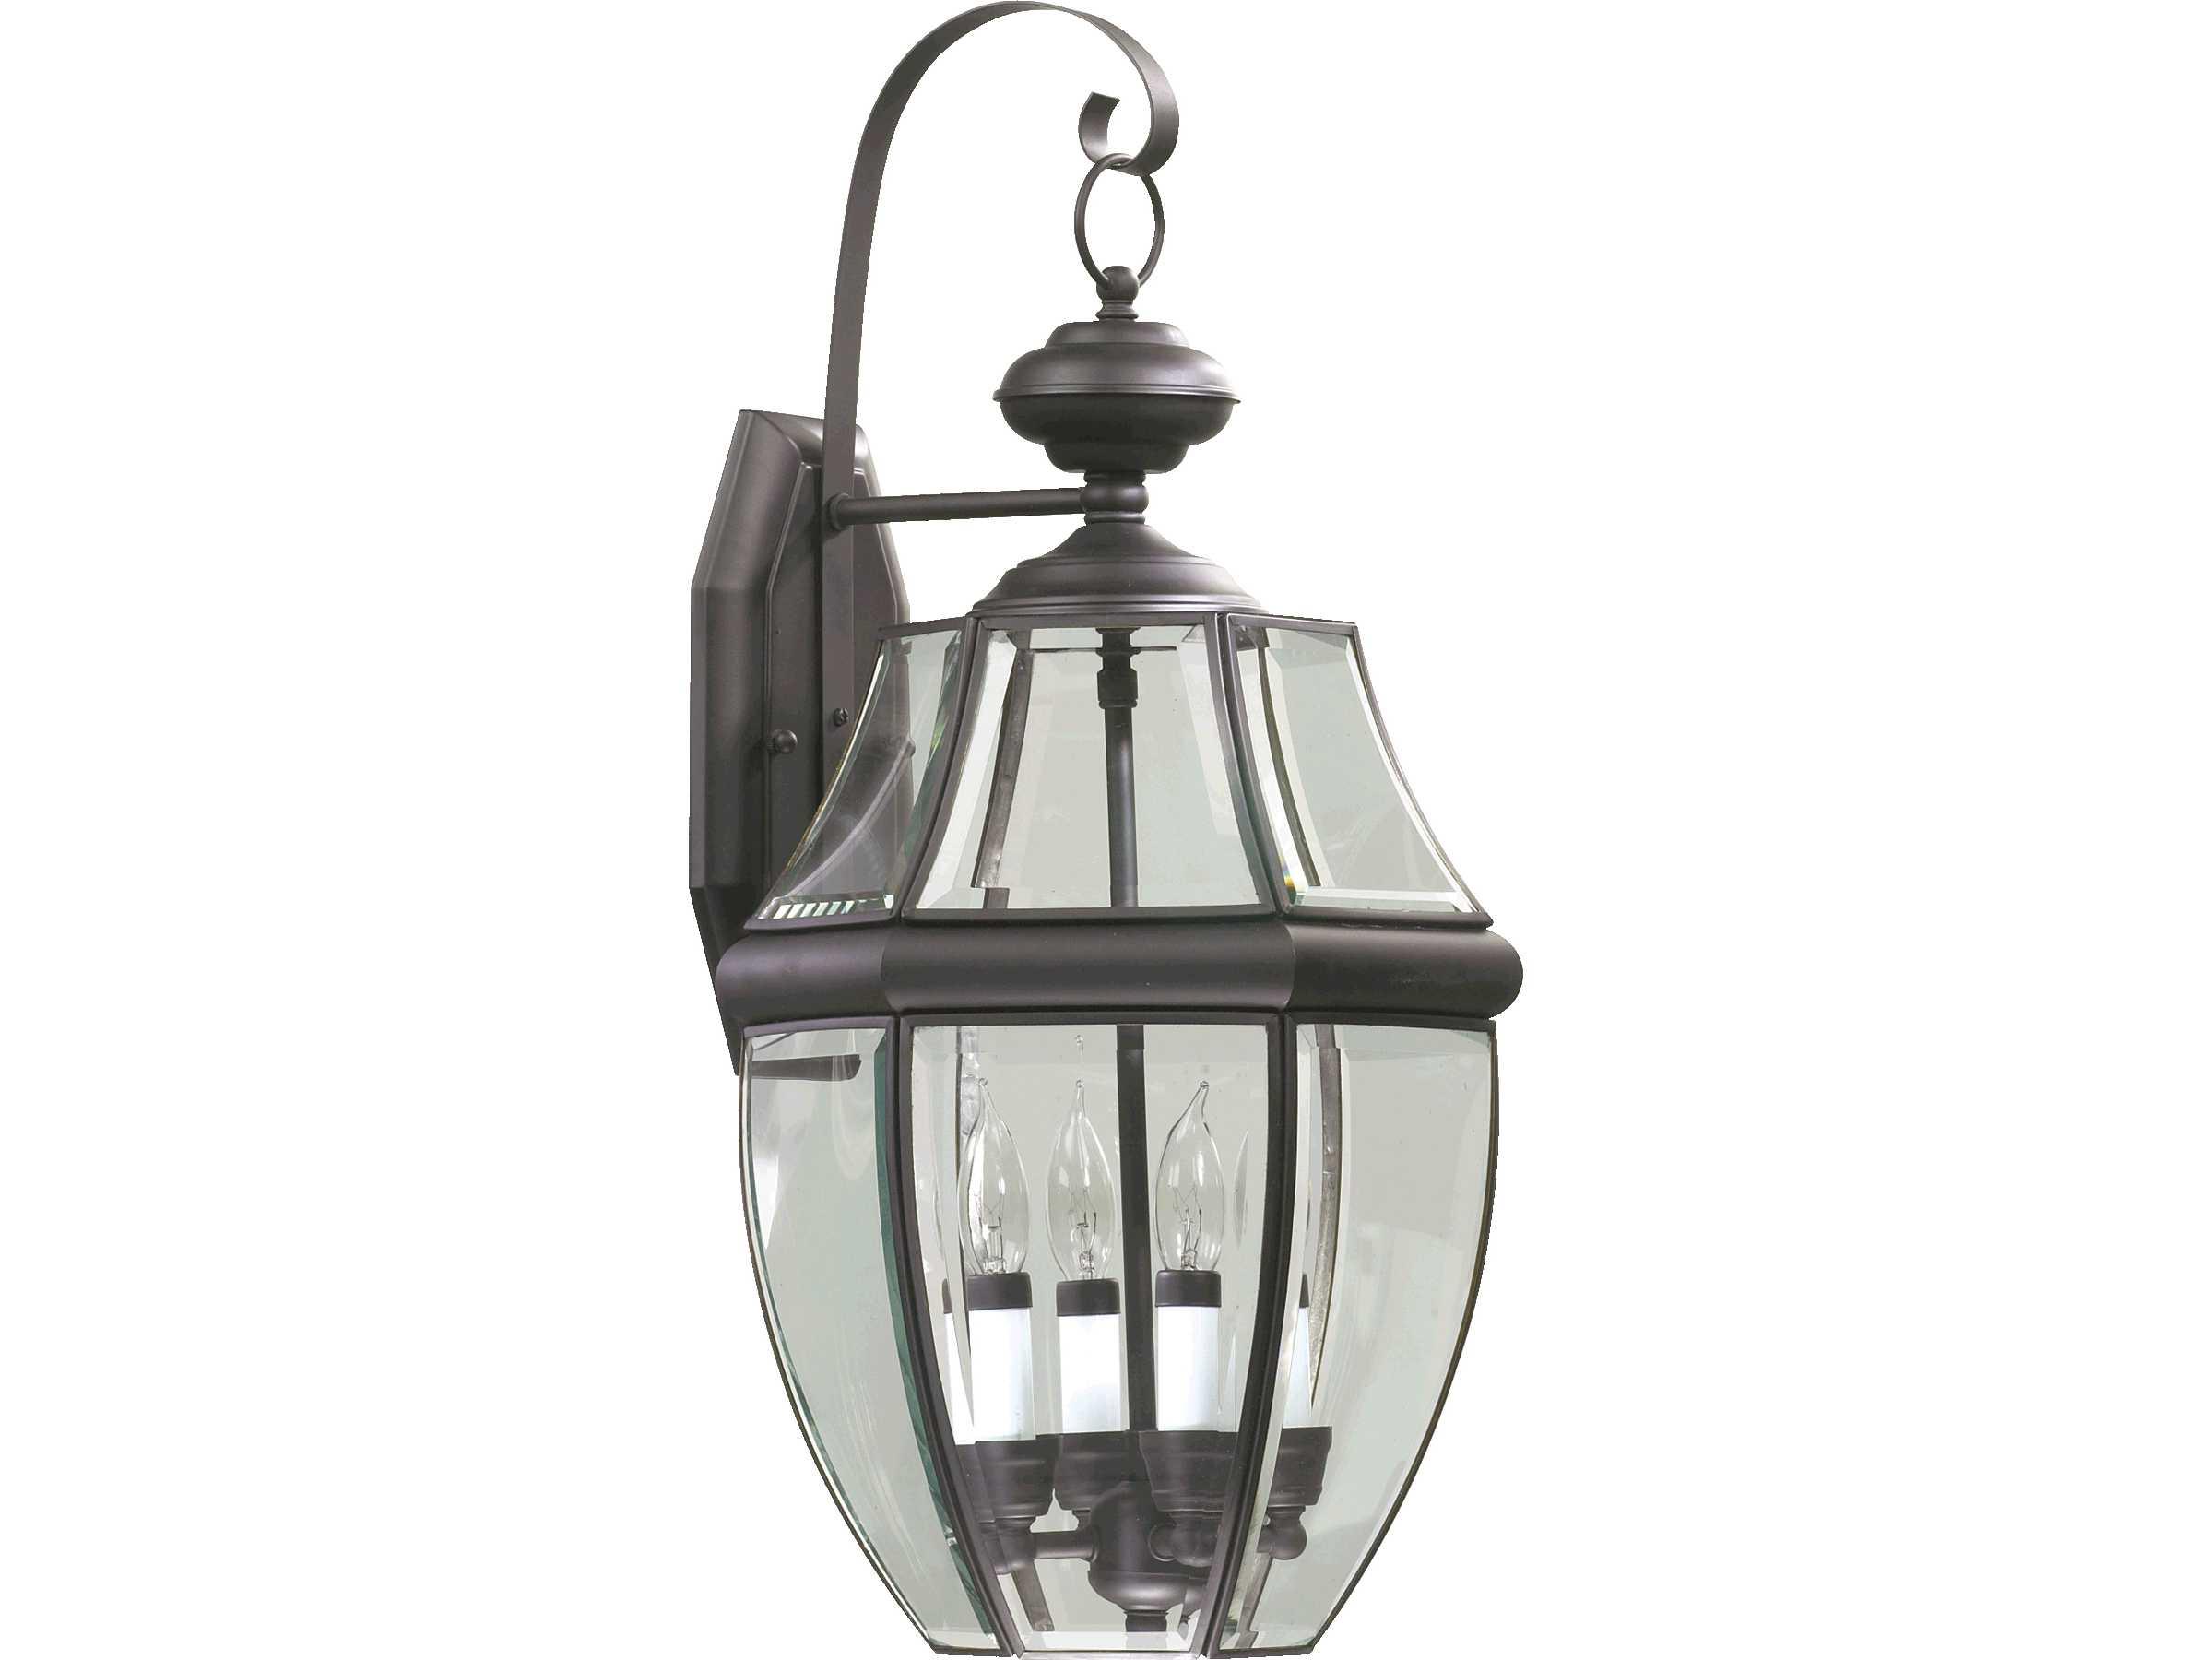 Quorum international carrington bronze four lights outdoor for International decor wall lights